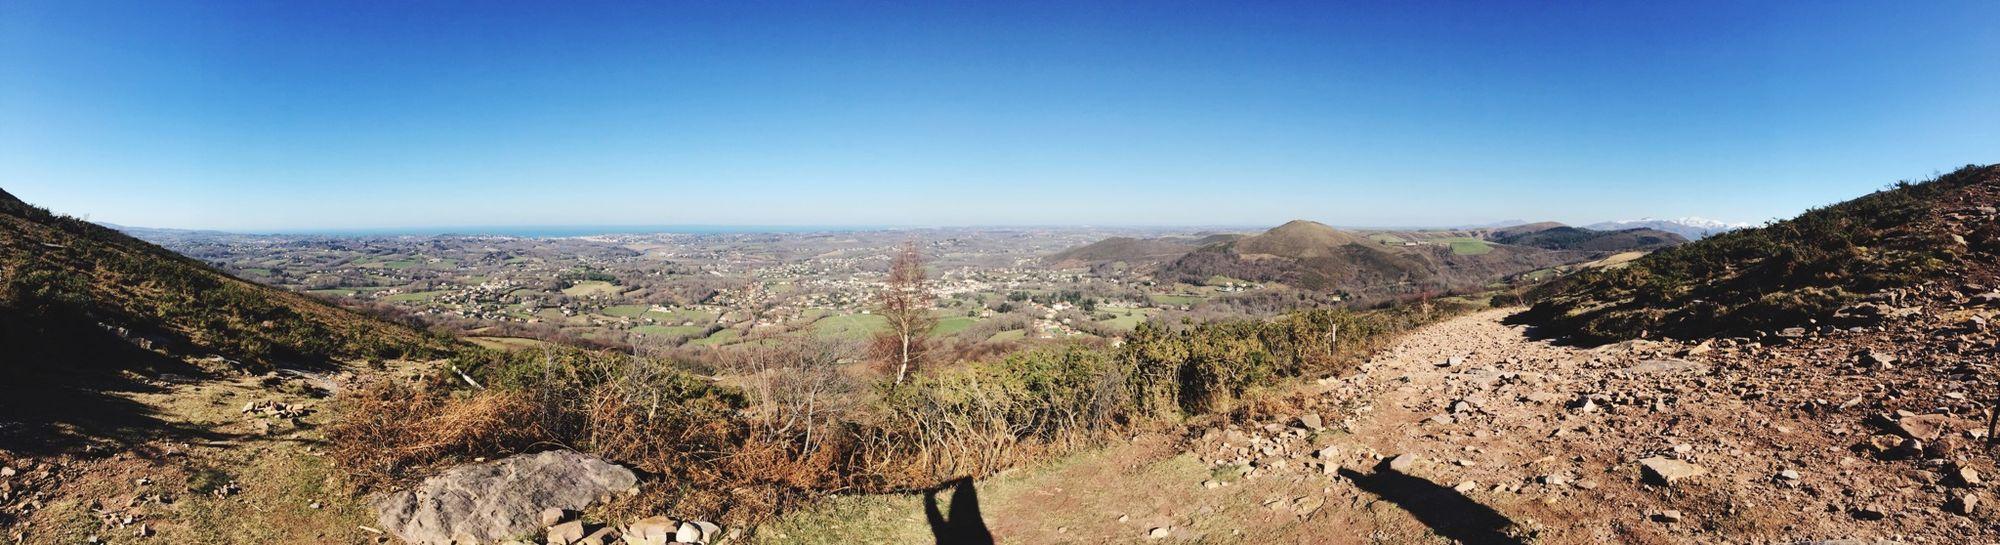 Beautiful Day Beautiful Nature Montagne La Rhune Randonnée Soleil Neige❄ Frère & Soeur ?❤️